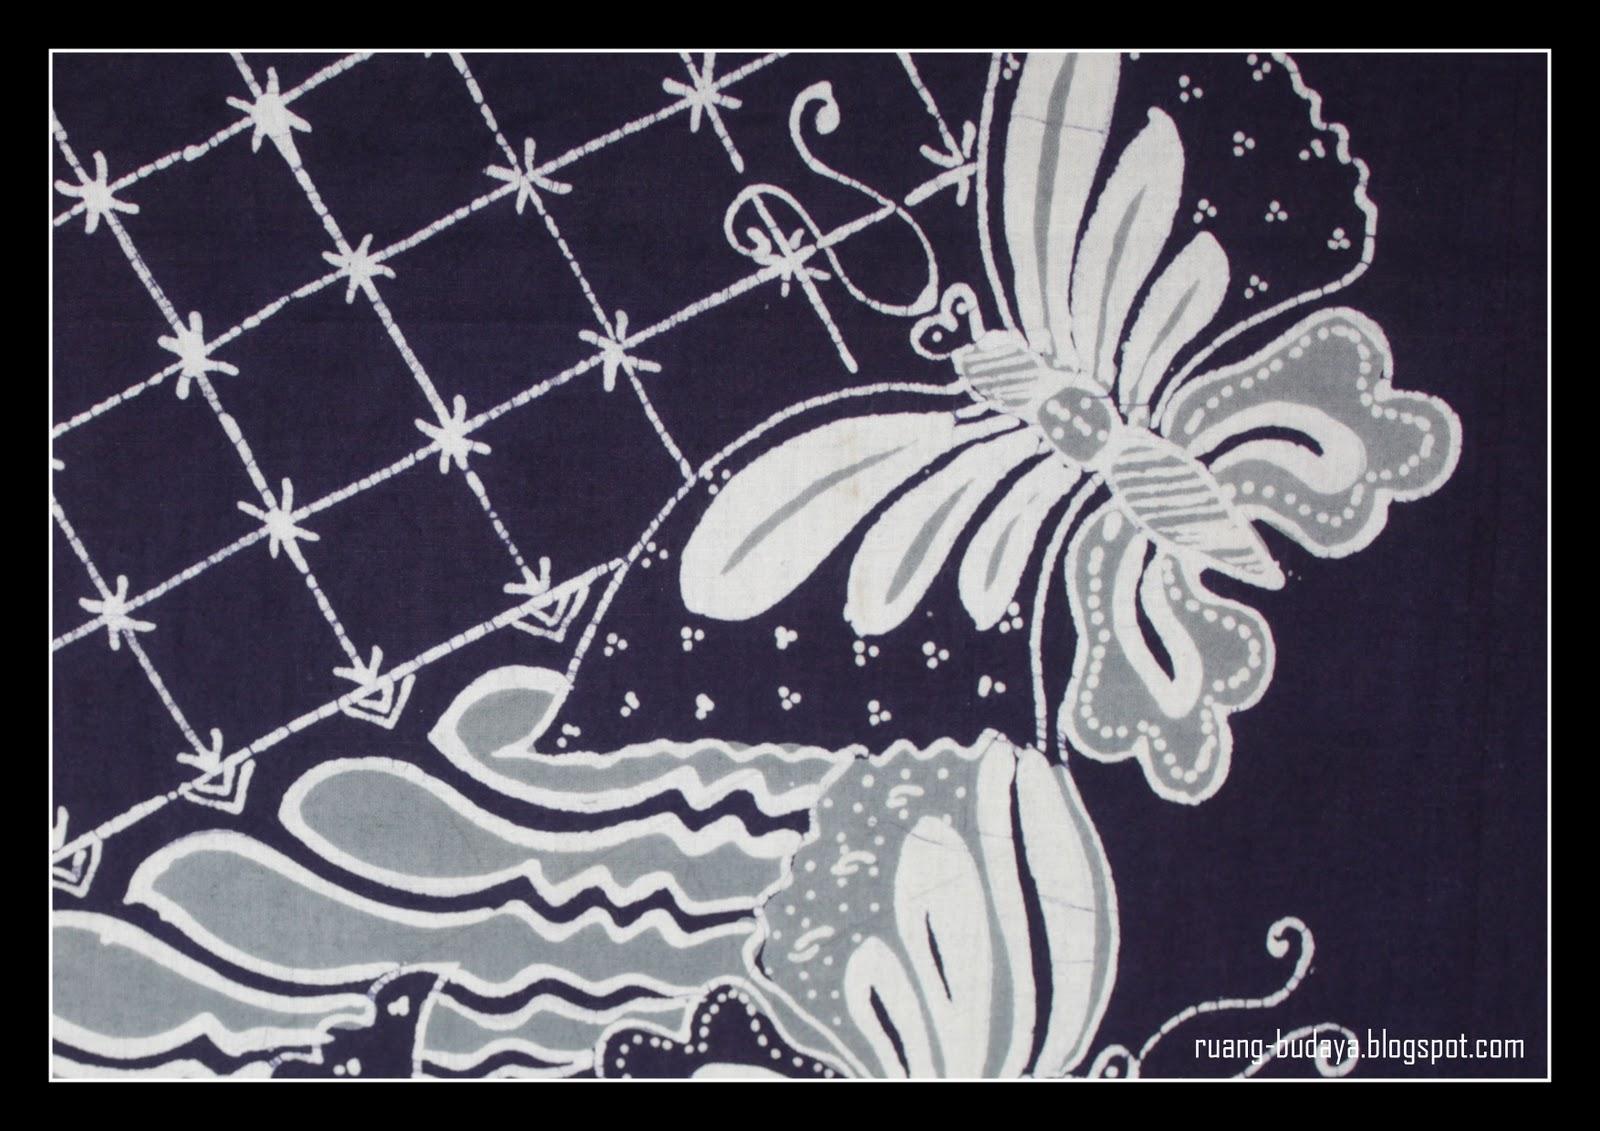 Kumpulan Gambar Sketsa Motif Batik Kupu Kupu